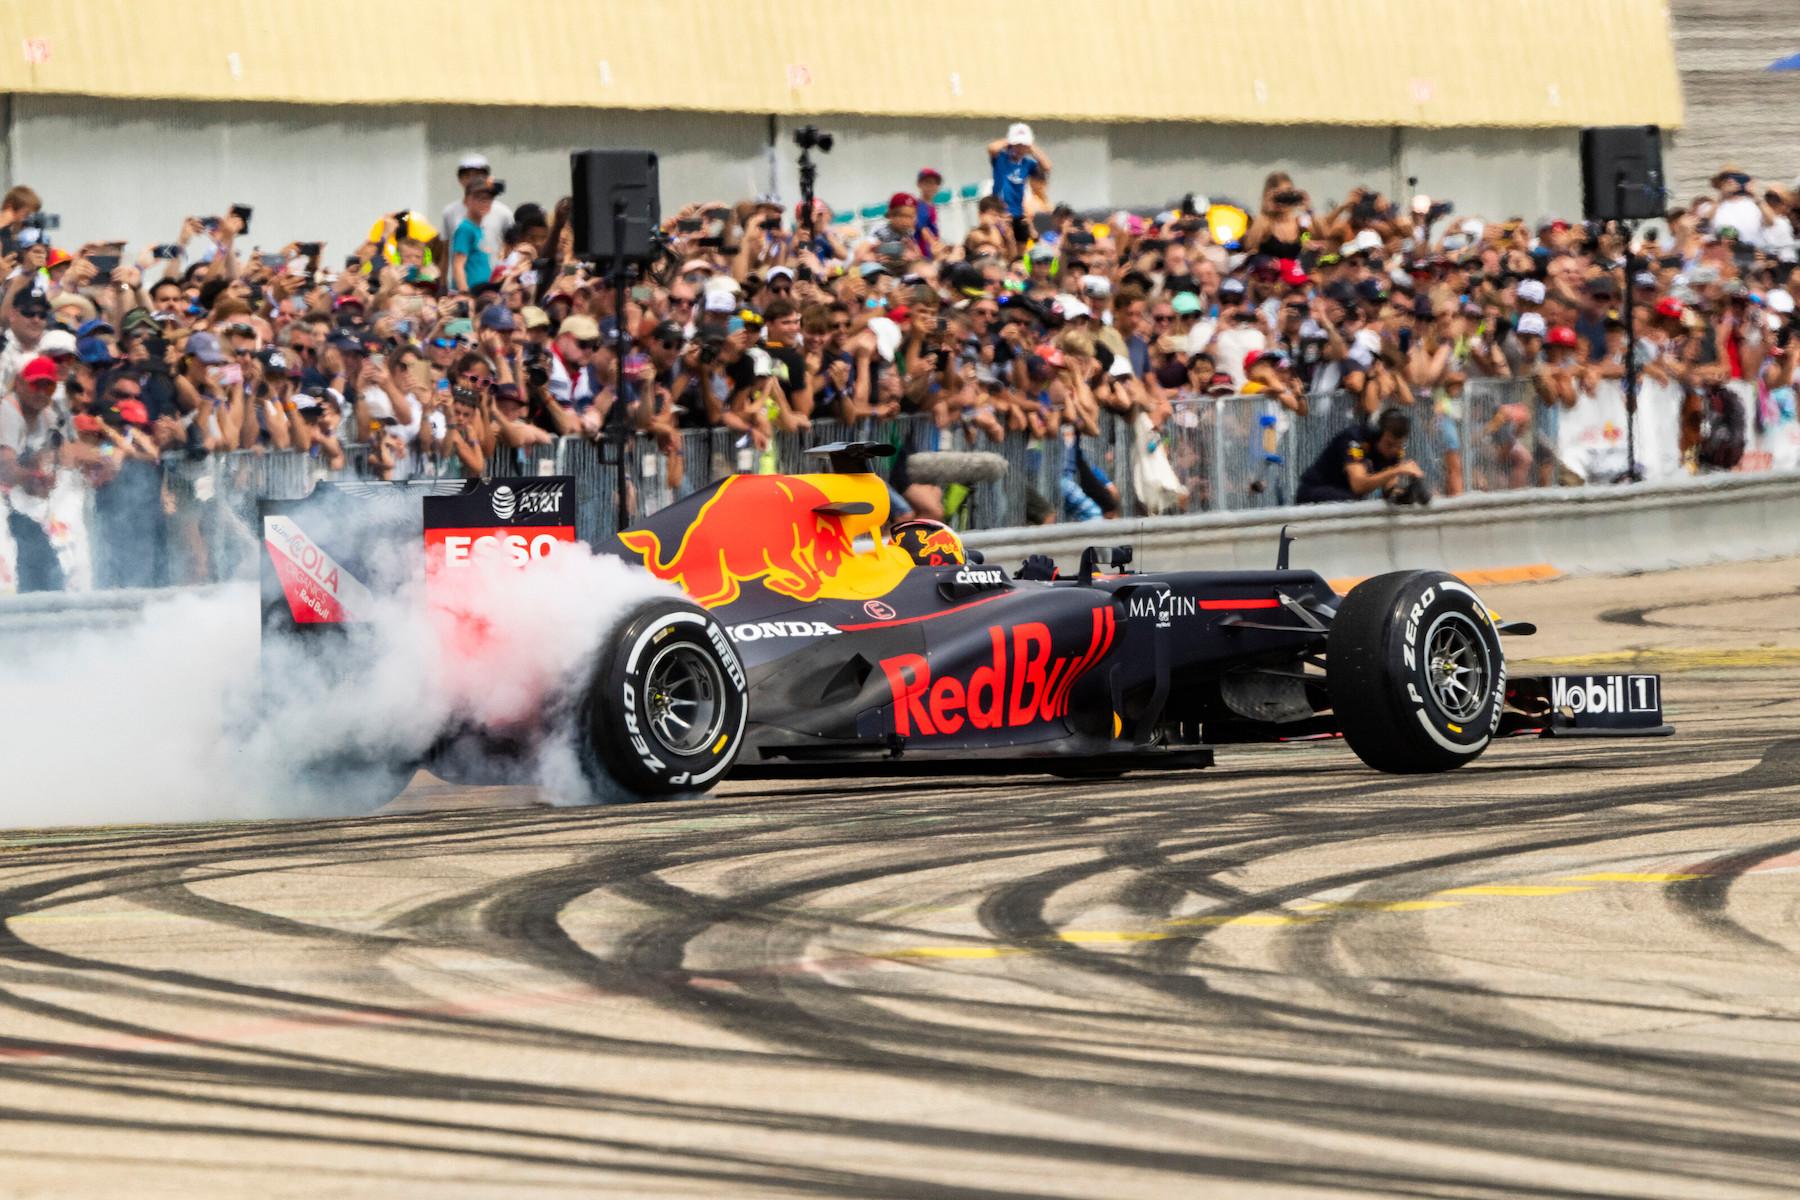 2019 Red Bull at Switzerland 3.jpg